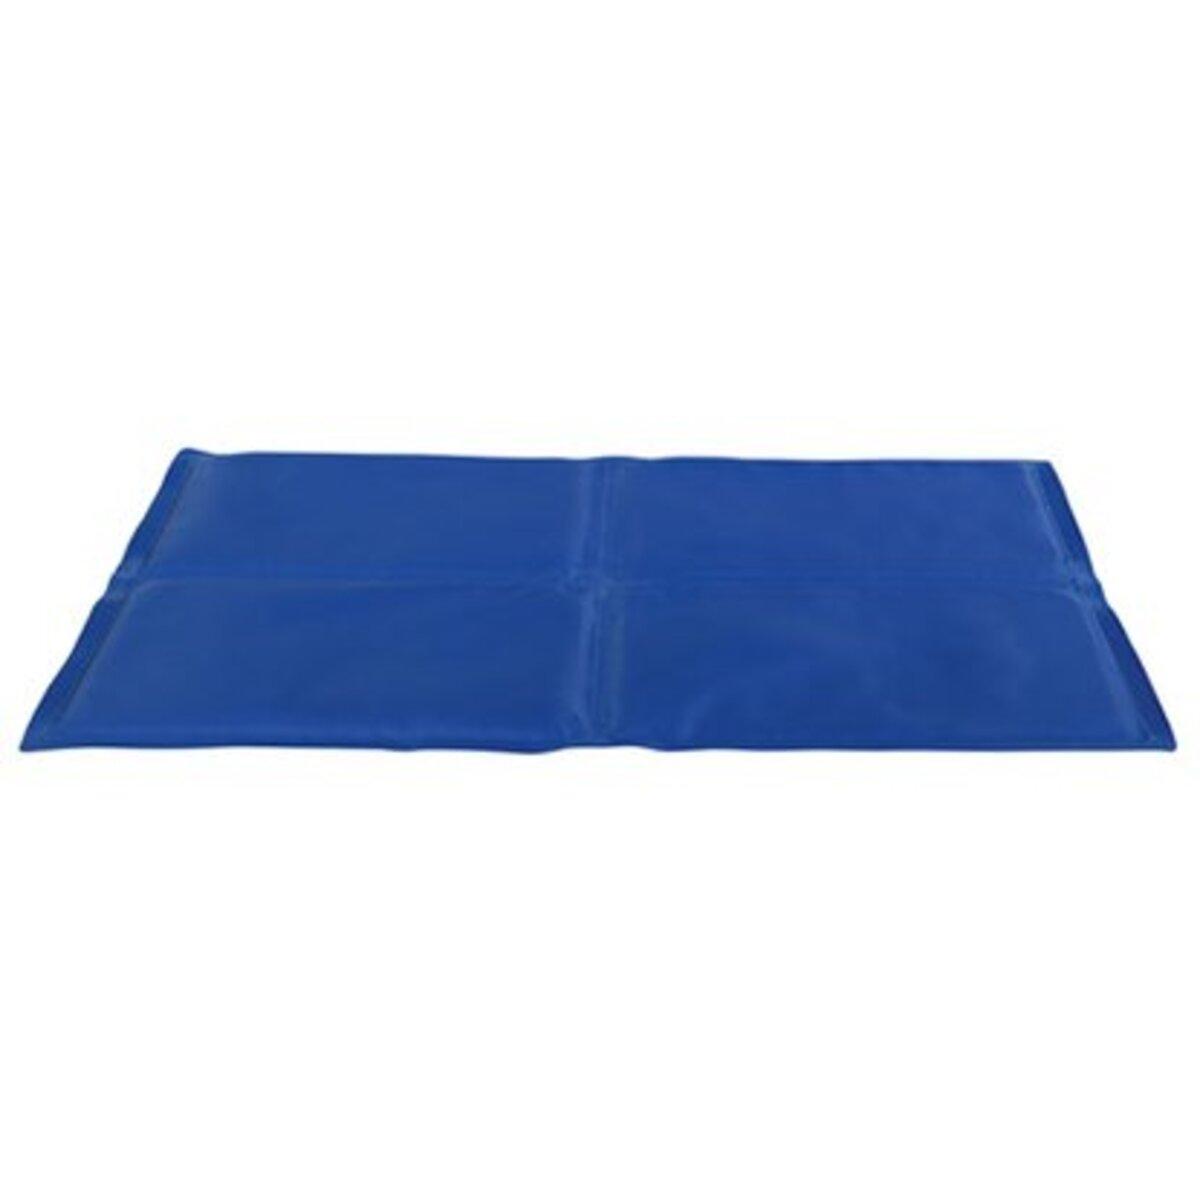 Bild 1 von Jollypaw Kühlmatte 50 cm x 40 cm Blau